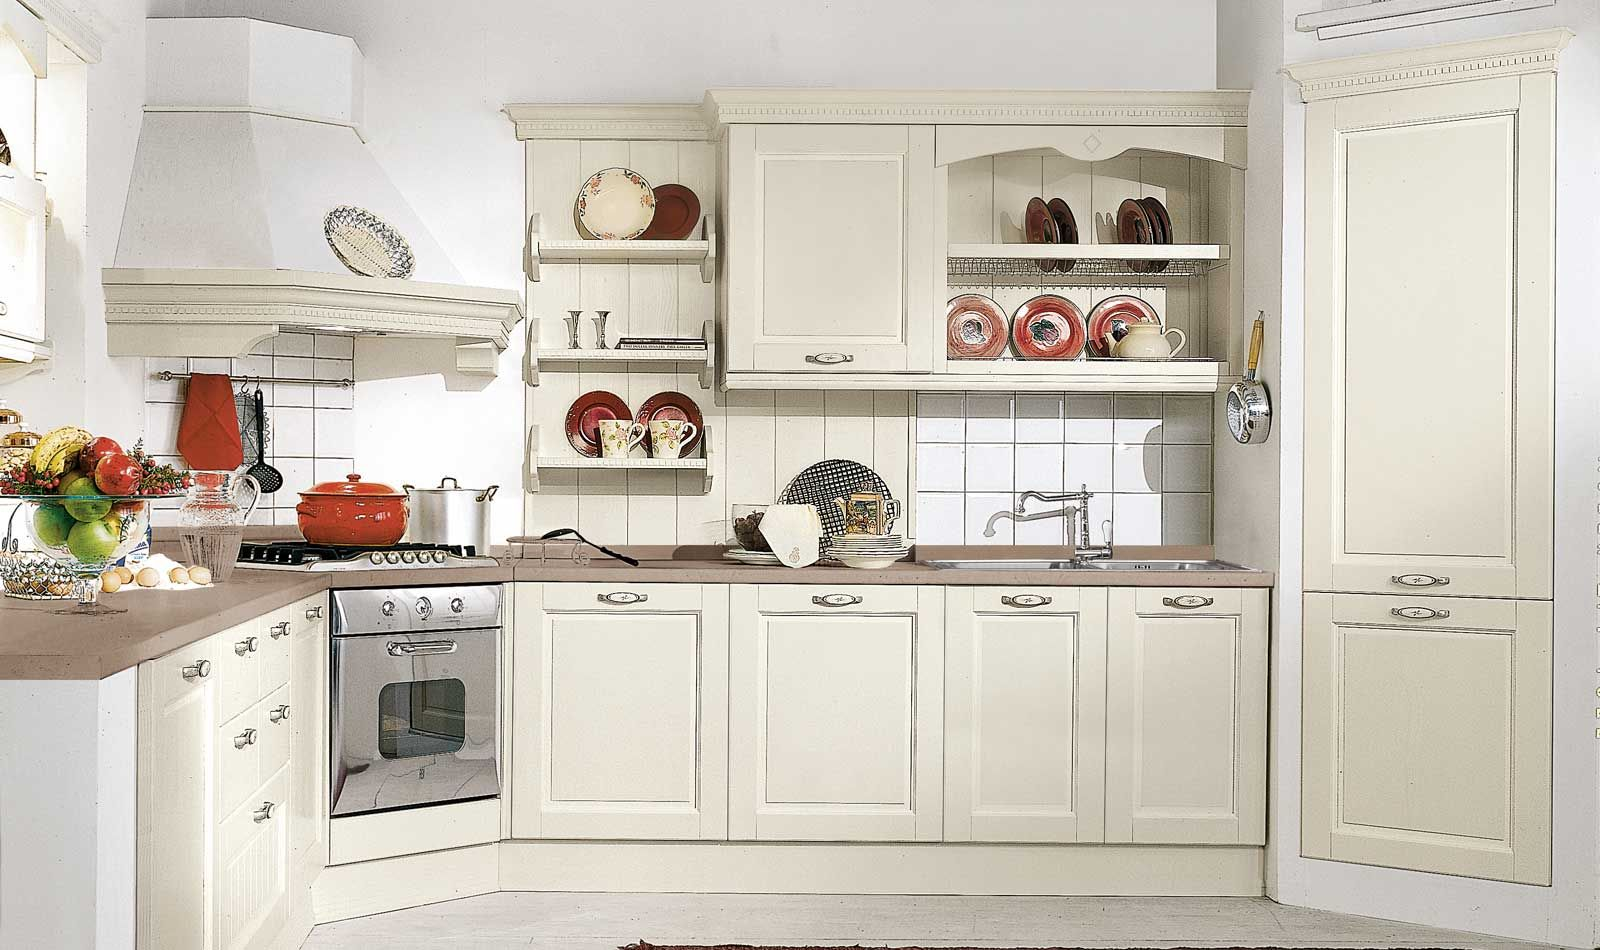 Cucine Ikea Ramsjo : Cucina ramsjo ikea opinioni. Cucina ikea ...